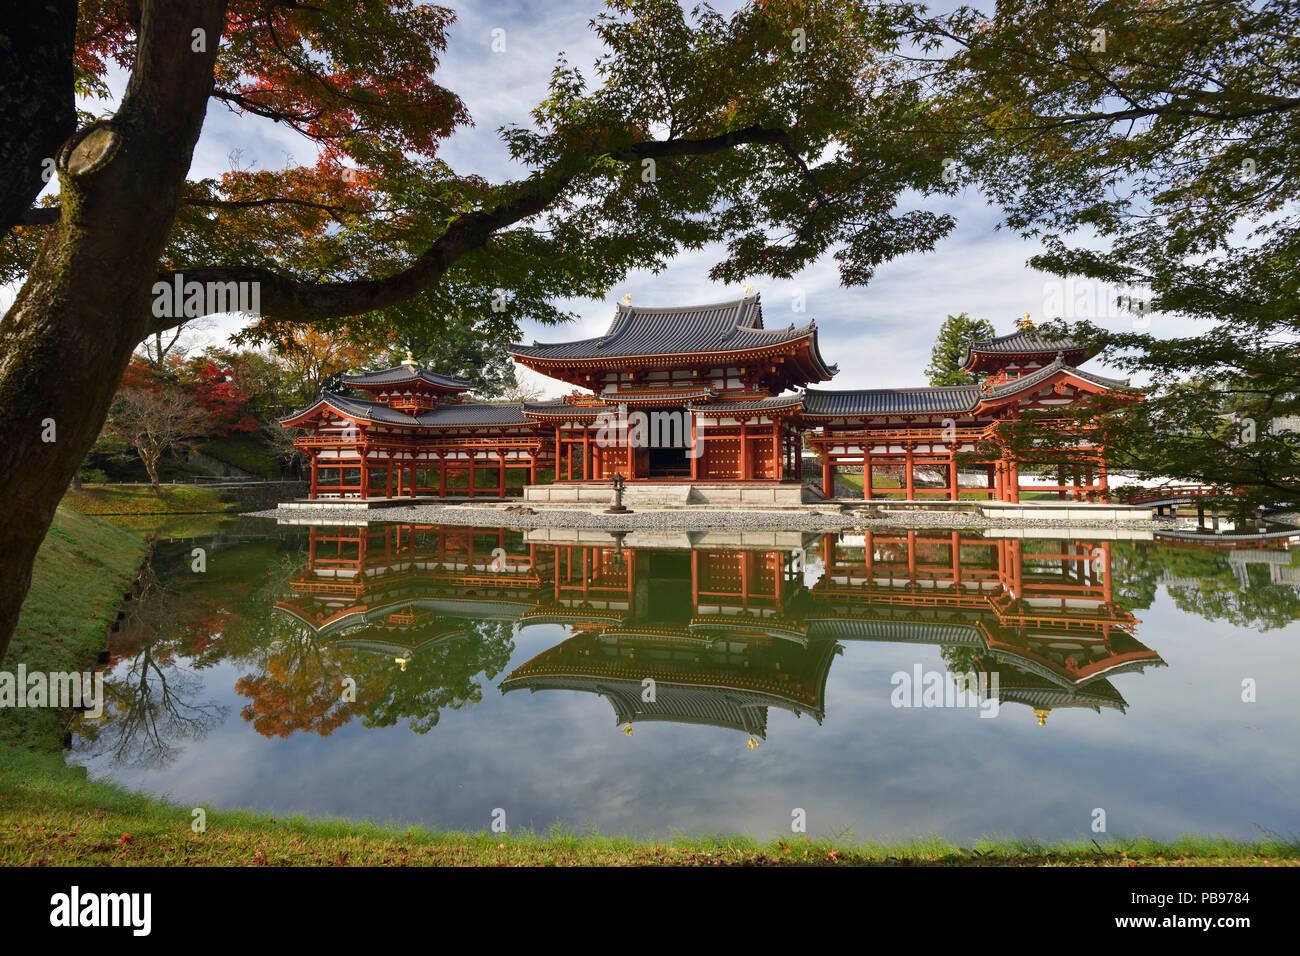 Ruhigen Herbst Landschaft der Phoenix Halle, Amida Hall von dem Byodoin-schrein Tempel auf Kojima Insel Jodoshiki teien, reines Land Garten Teich auf einem hellen, sonnigen Stockbild